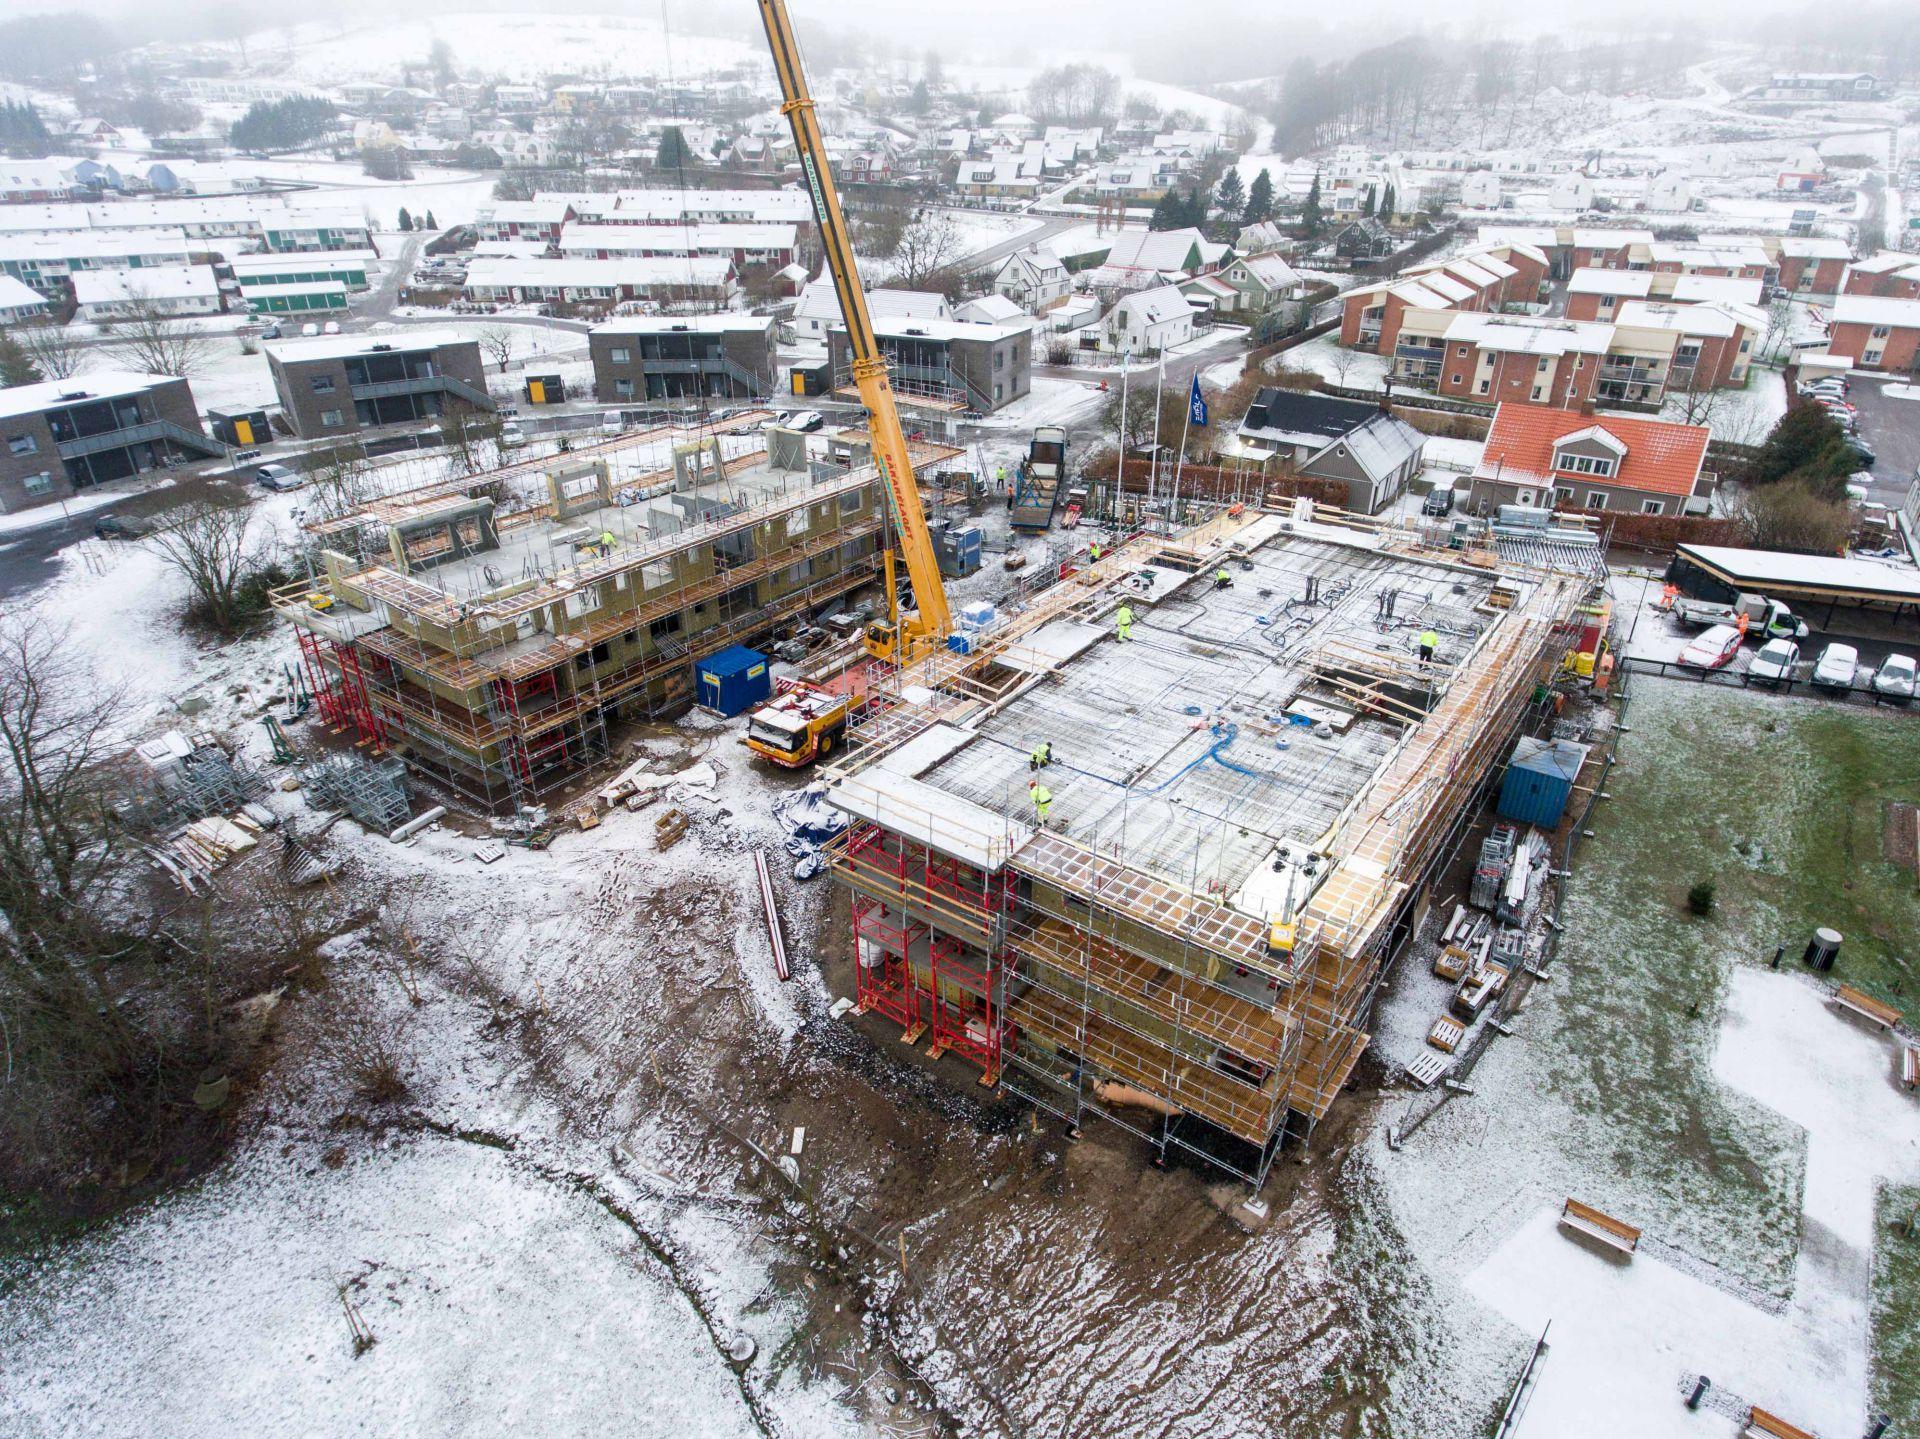 Byggplats för Apelgården och Armobacken i Båstad med överblick utav samhället i vinterlandskap